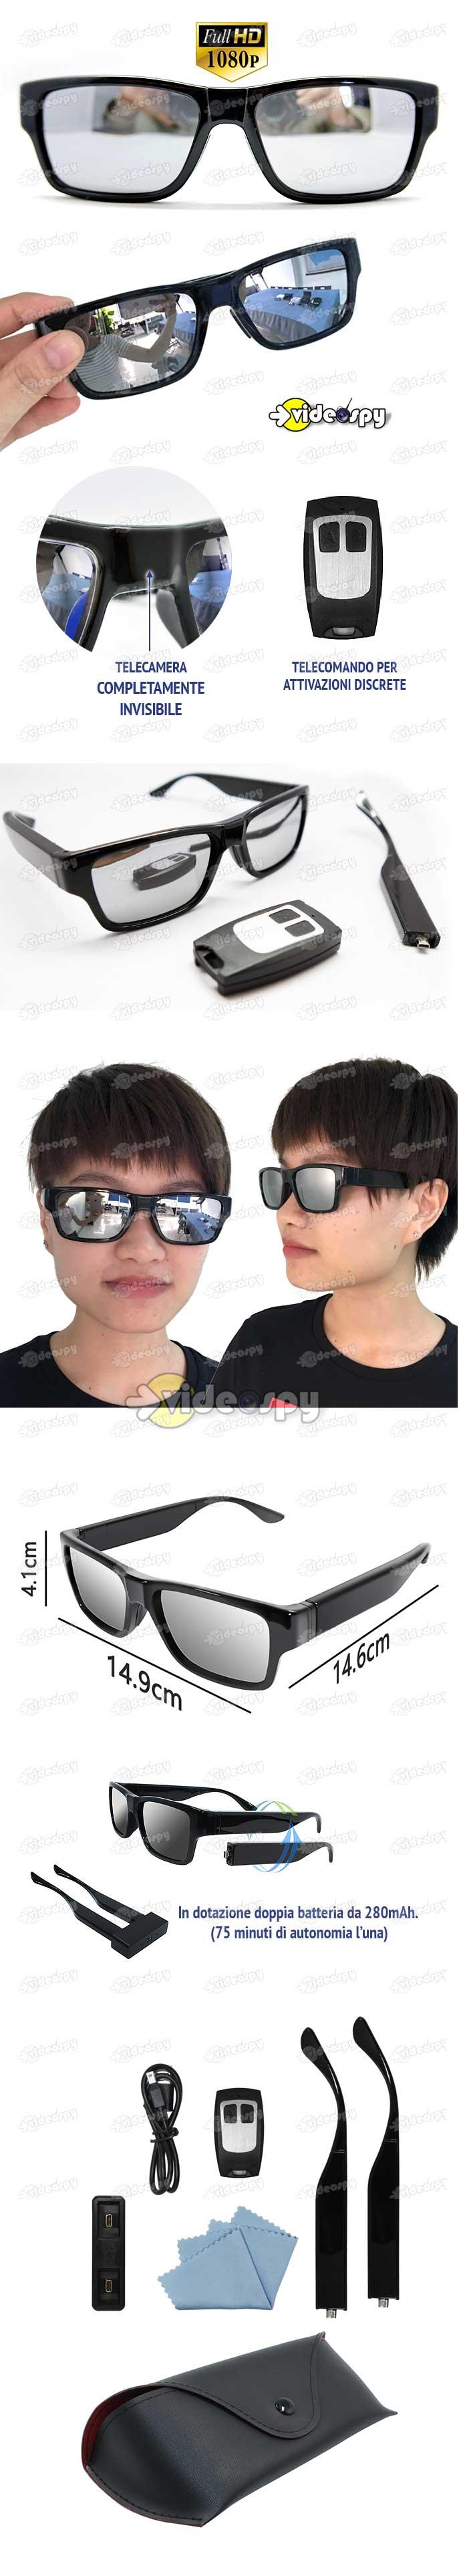 Da Occhiali Batteria E Sole Telecamera Con Spia InvisibileDoppia hQrtdCxs